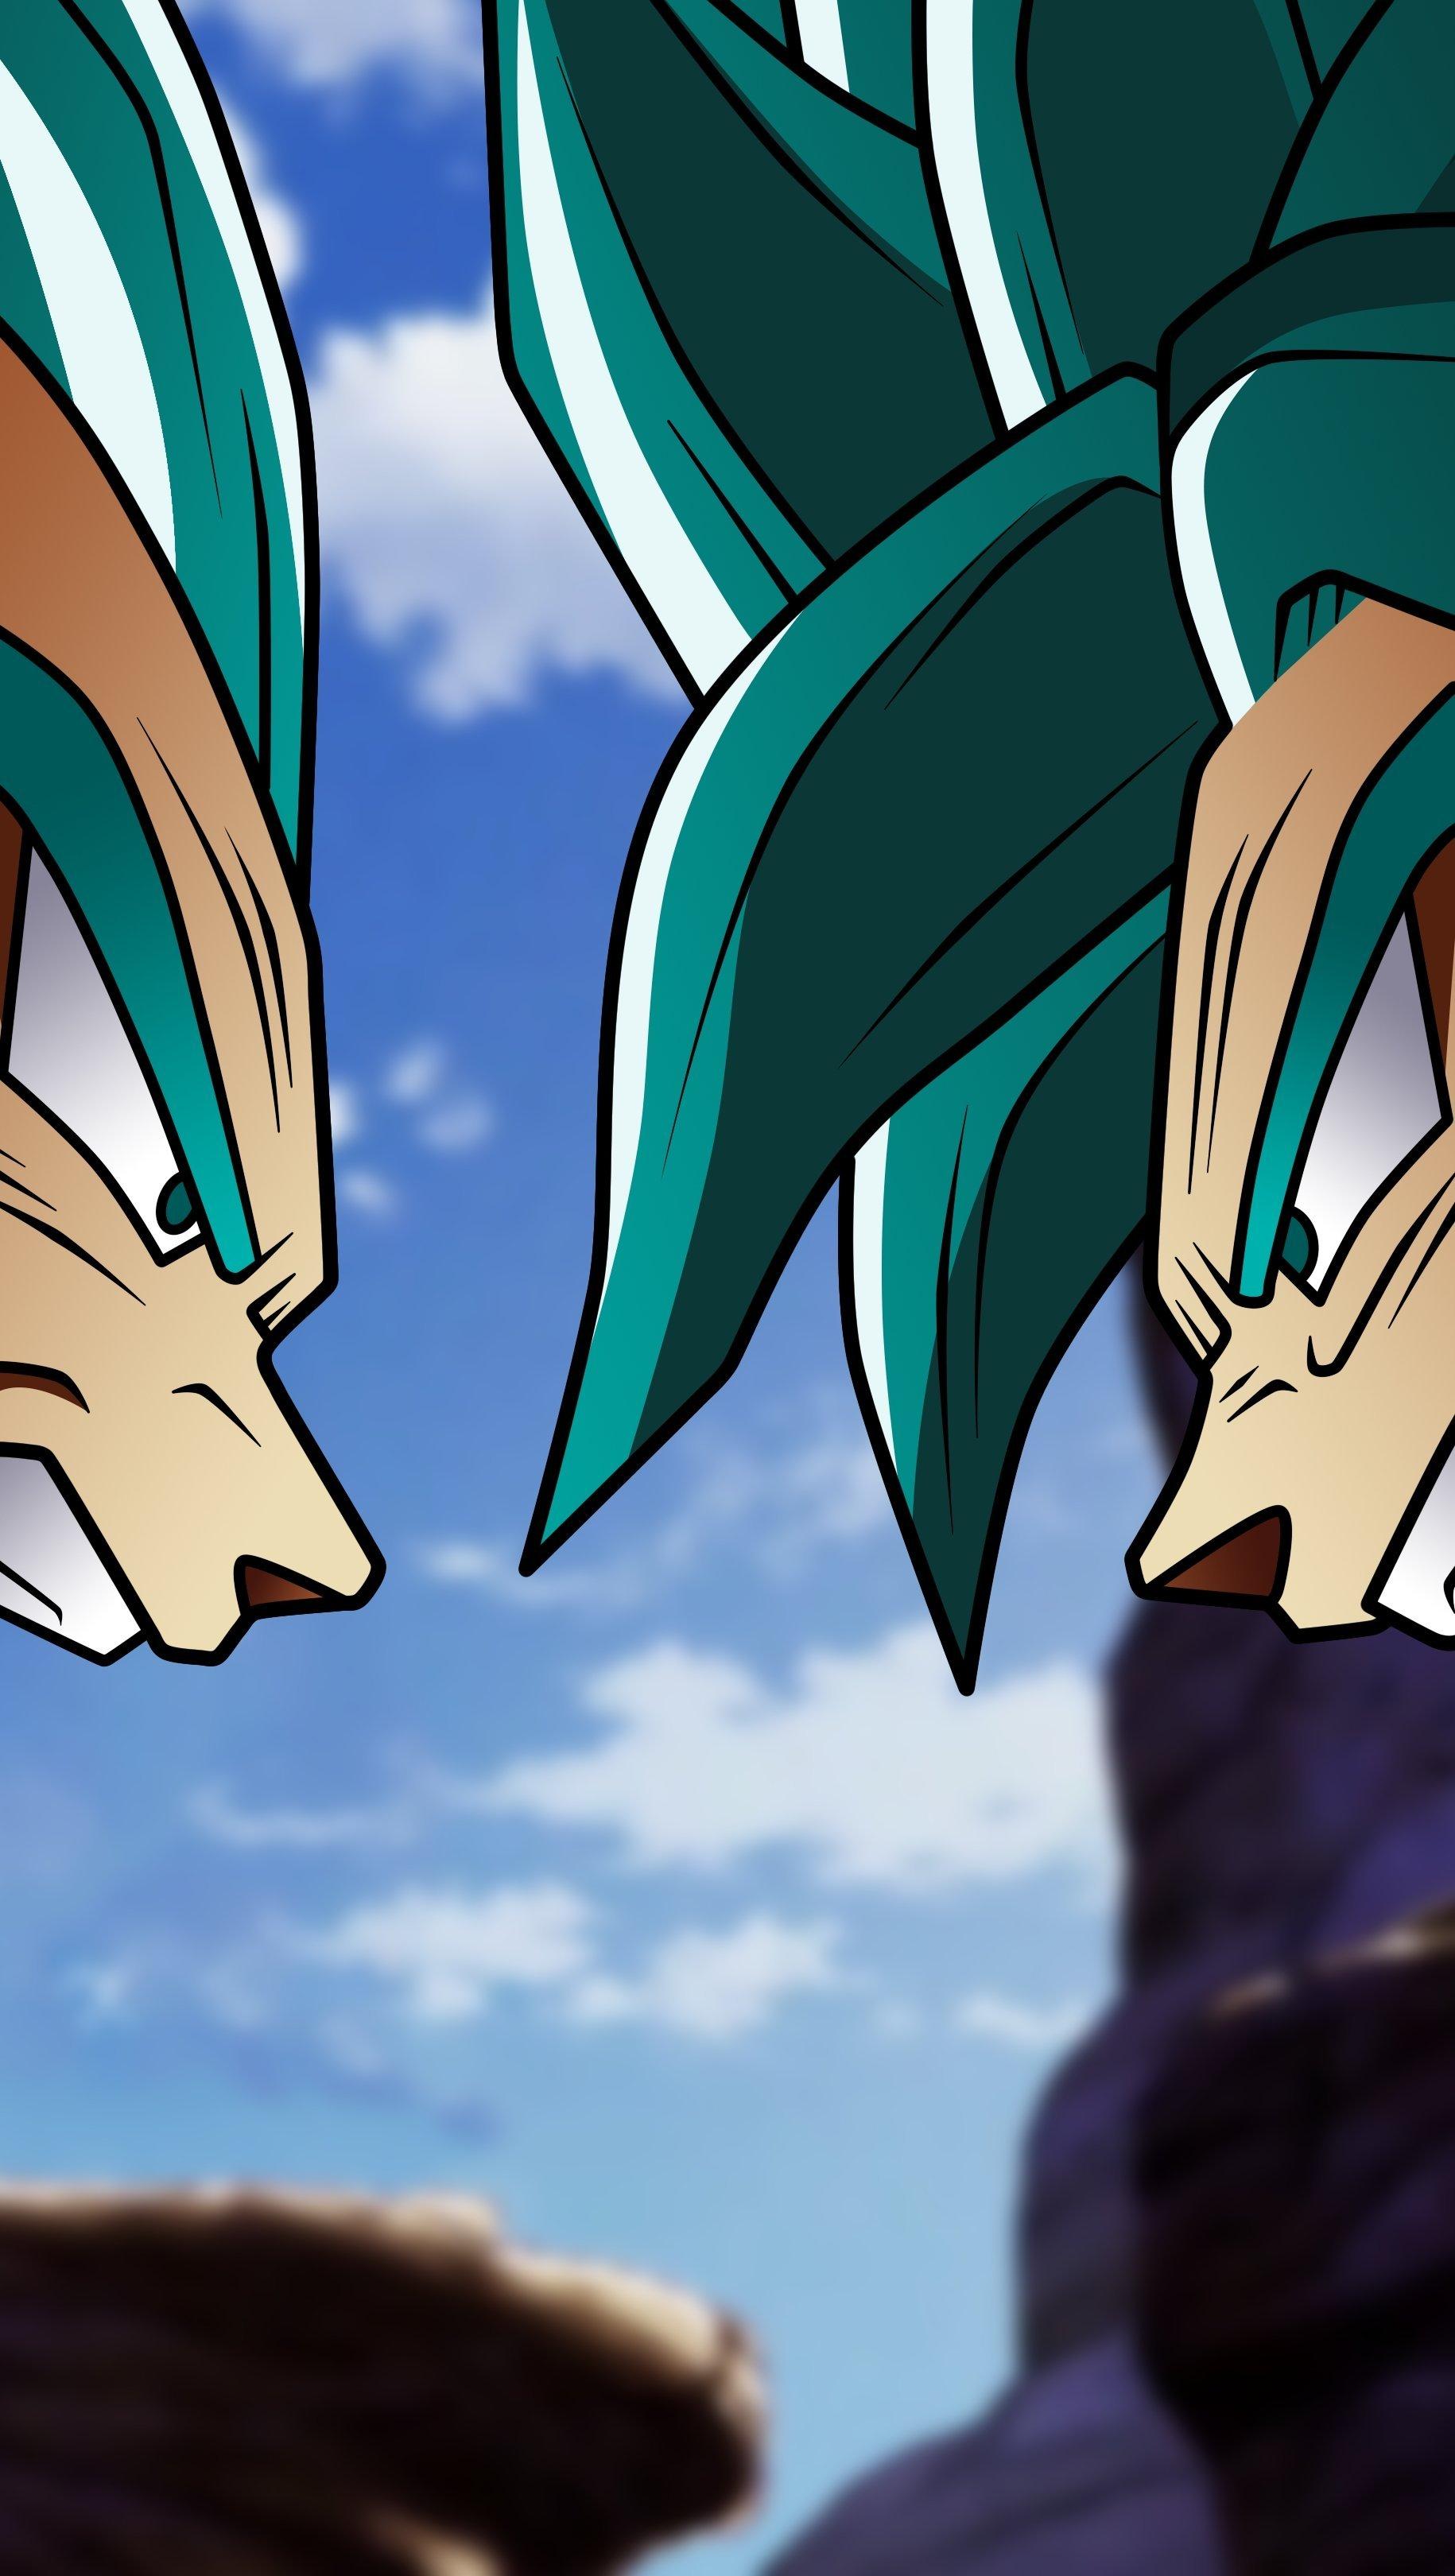 Fondos de pantalla Anime Vegeta VS Goku de Dragon Ball Super Vertical